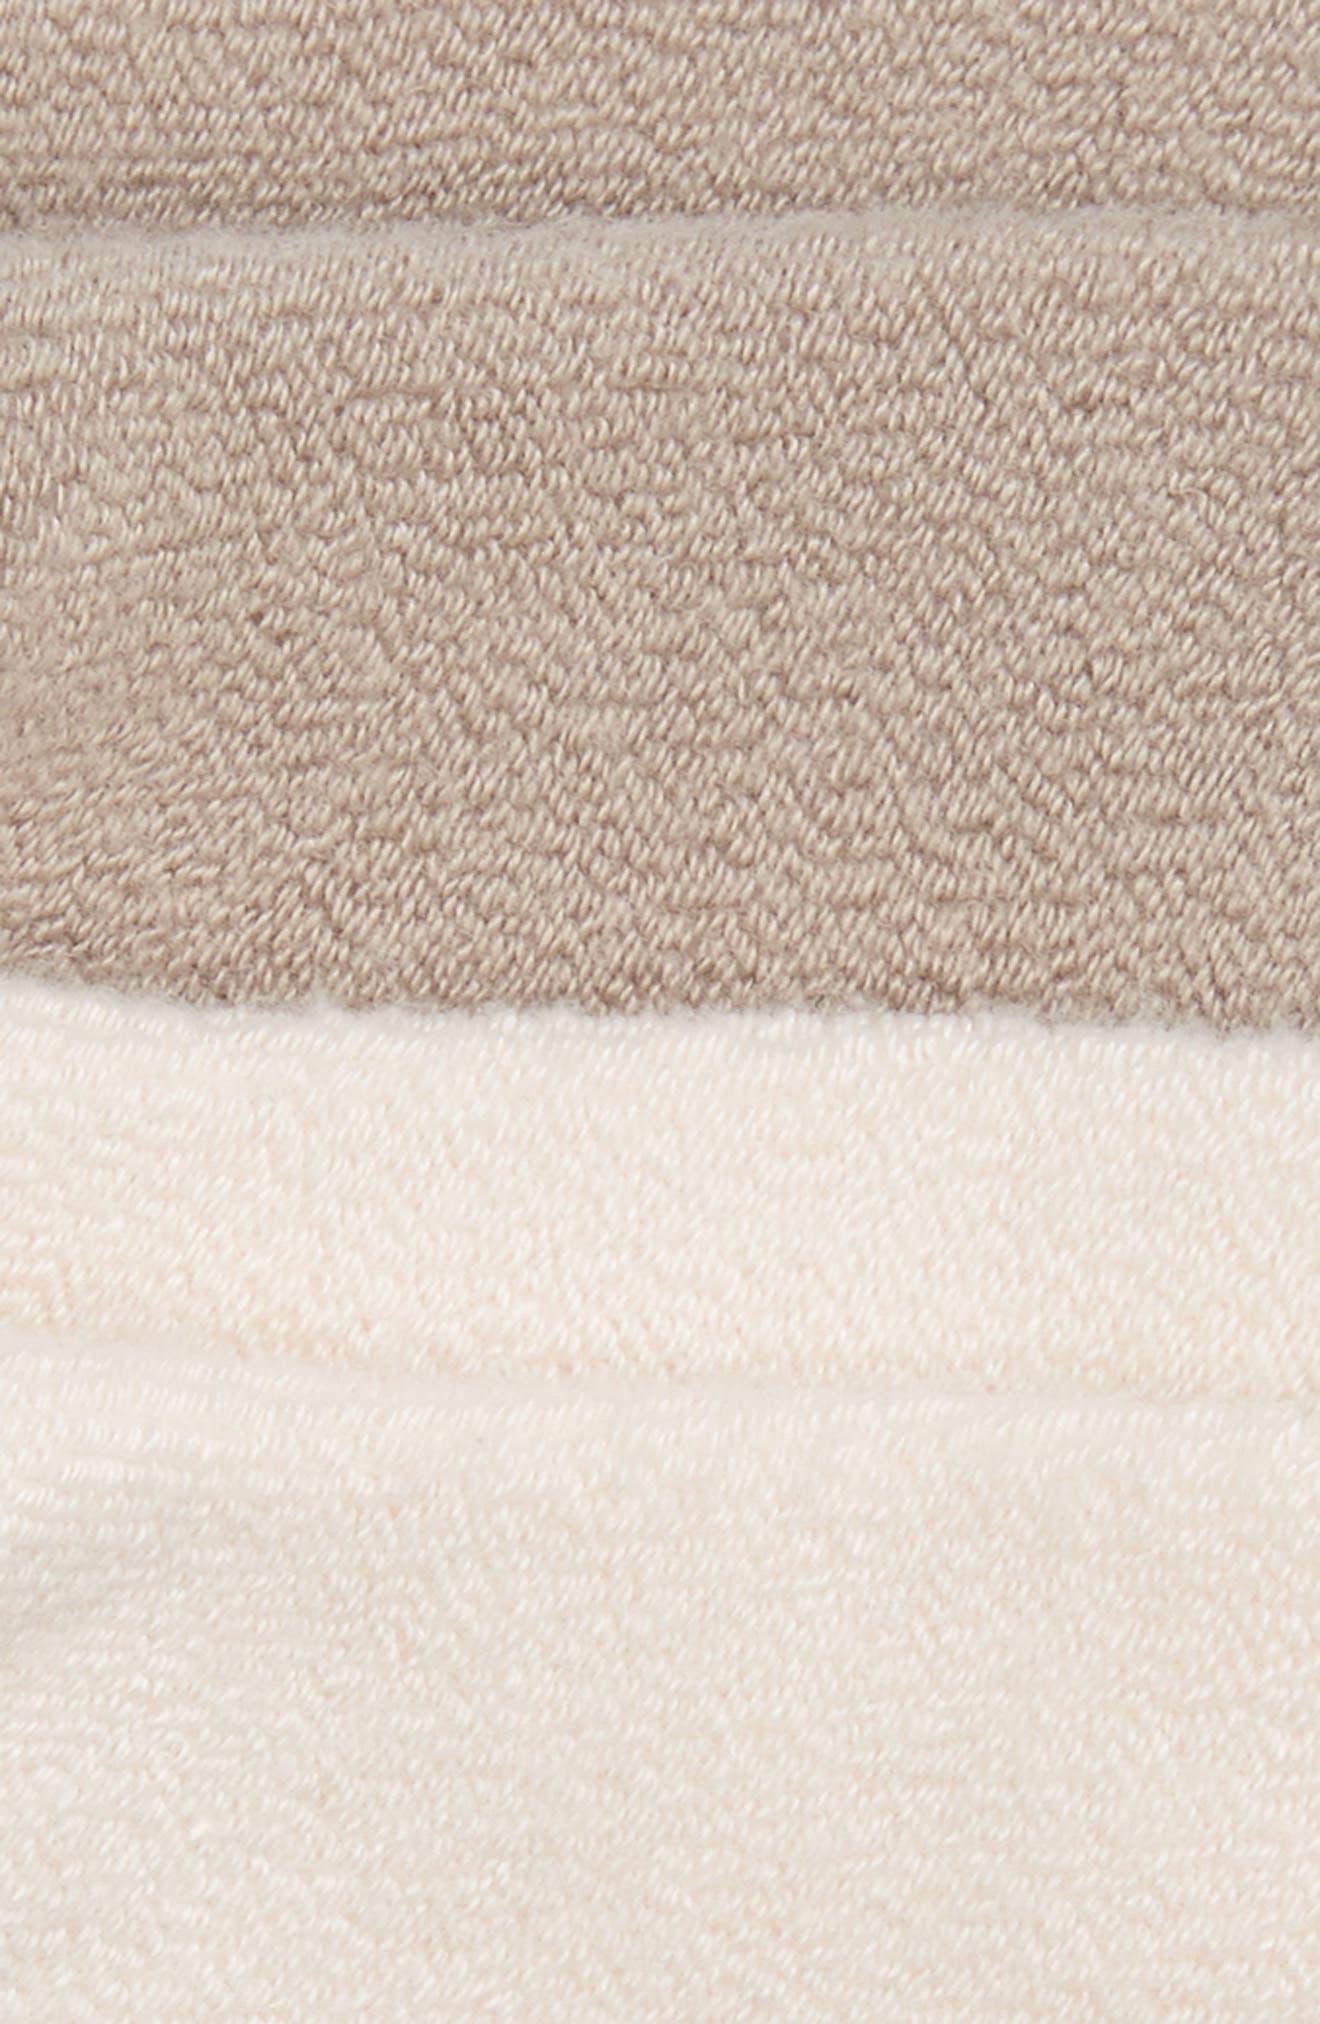 2-Pack Powder Dust Pompom Pedi Socks,                             Alternate thumbnail 2, color,                             250